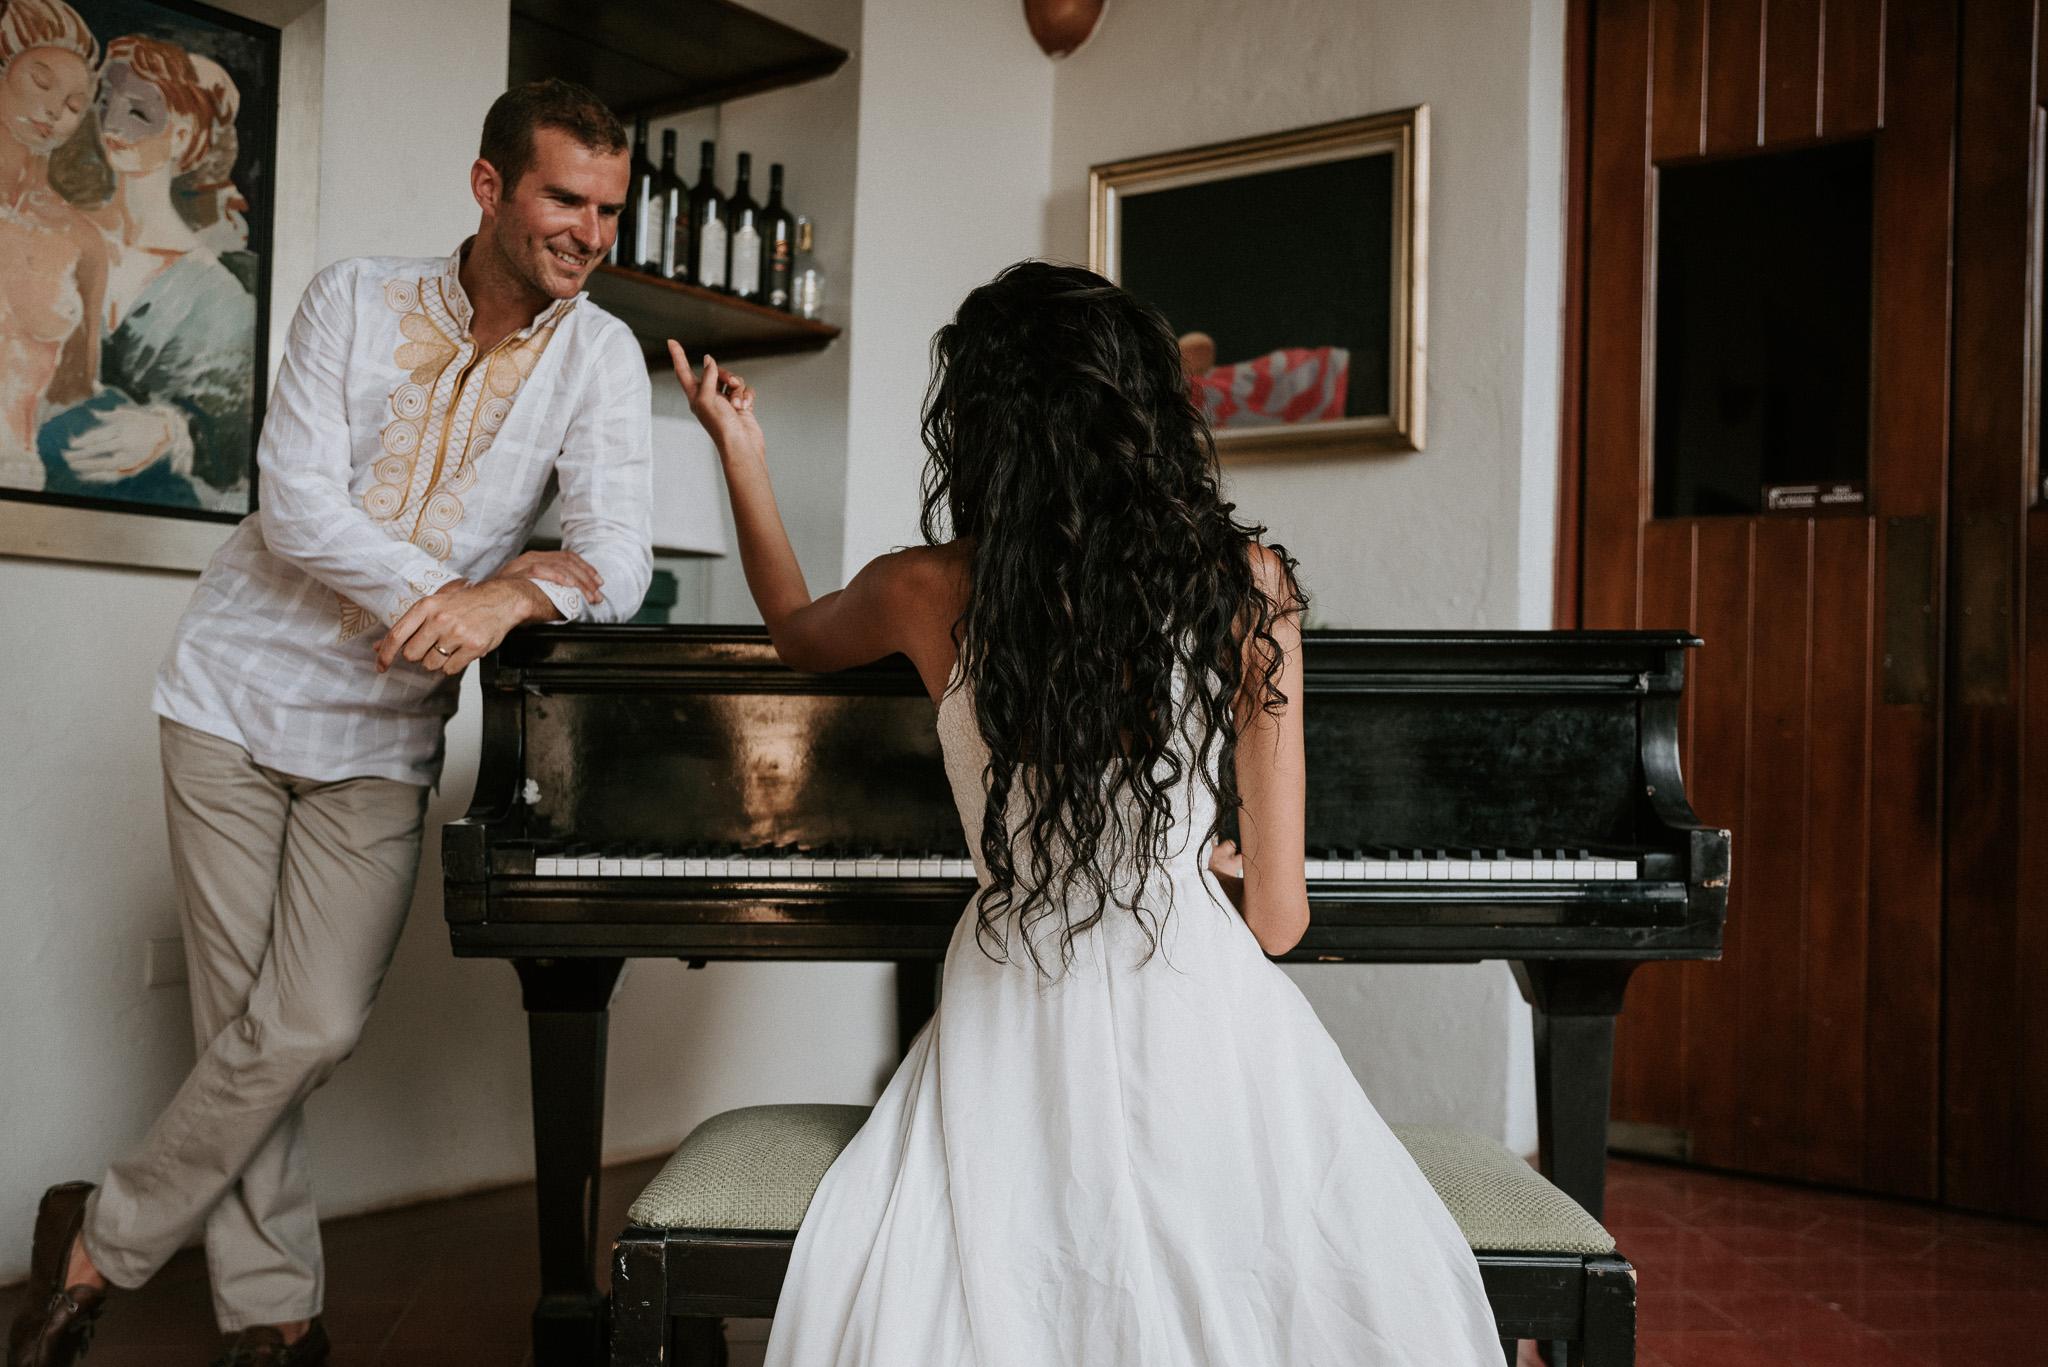 Valerie & Zack Prbeoda-14.jpg